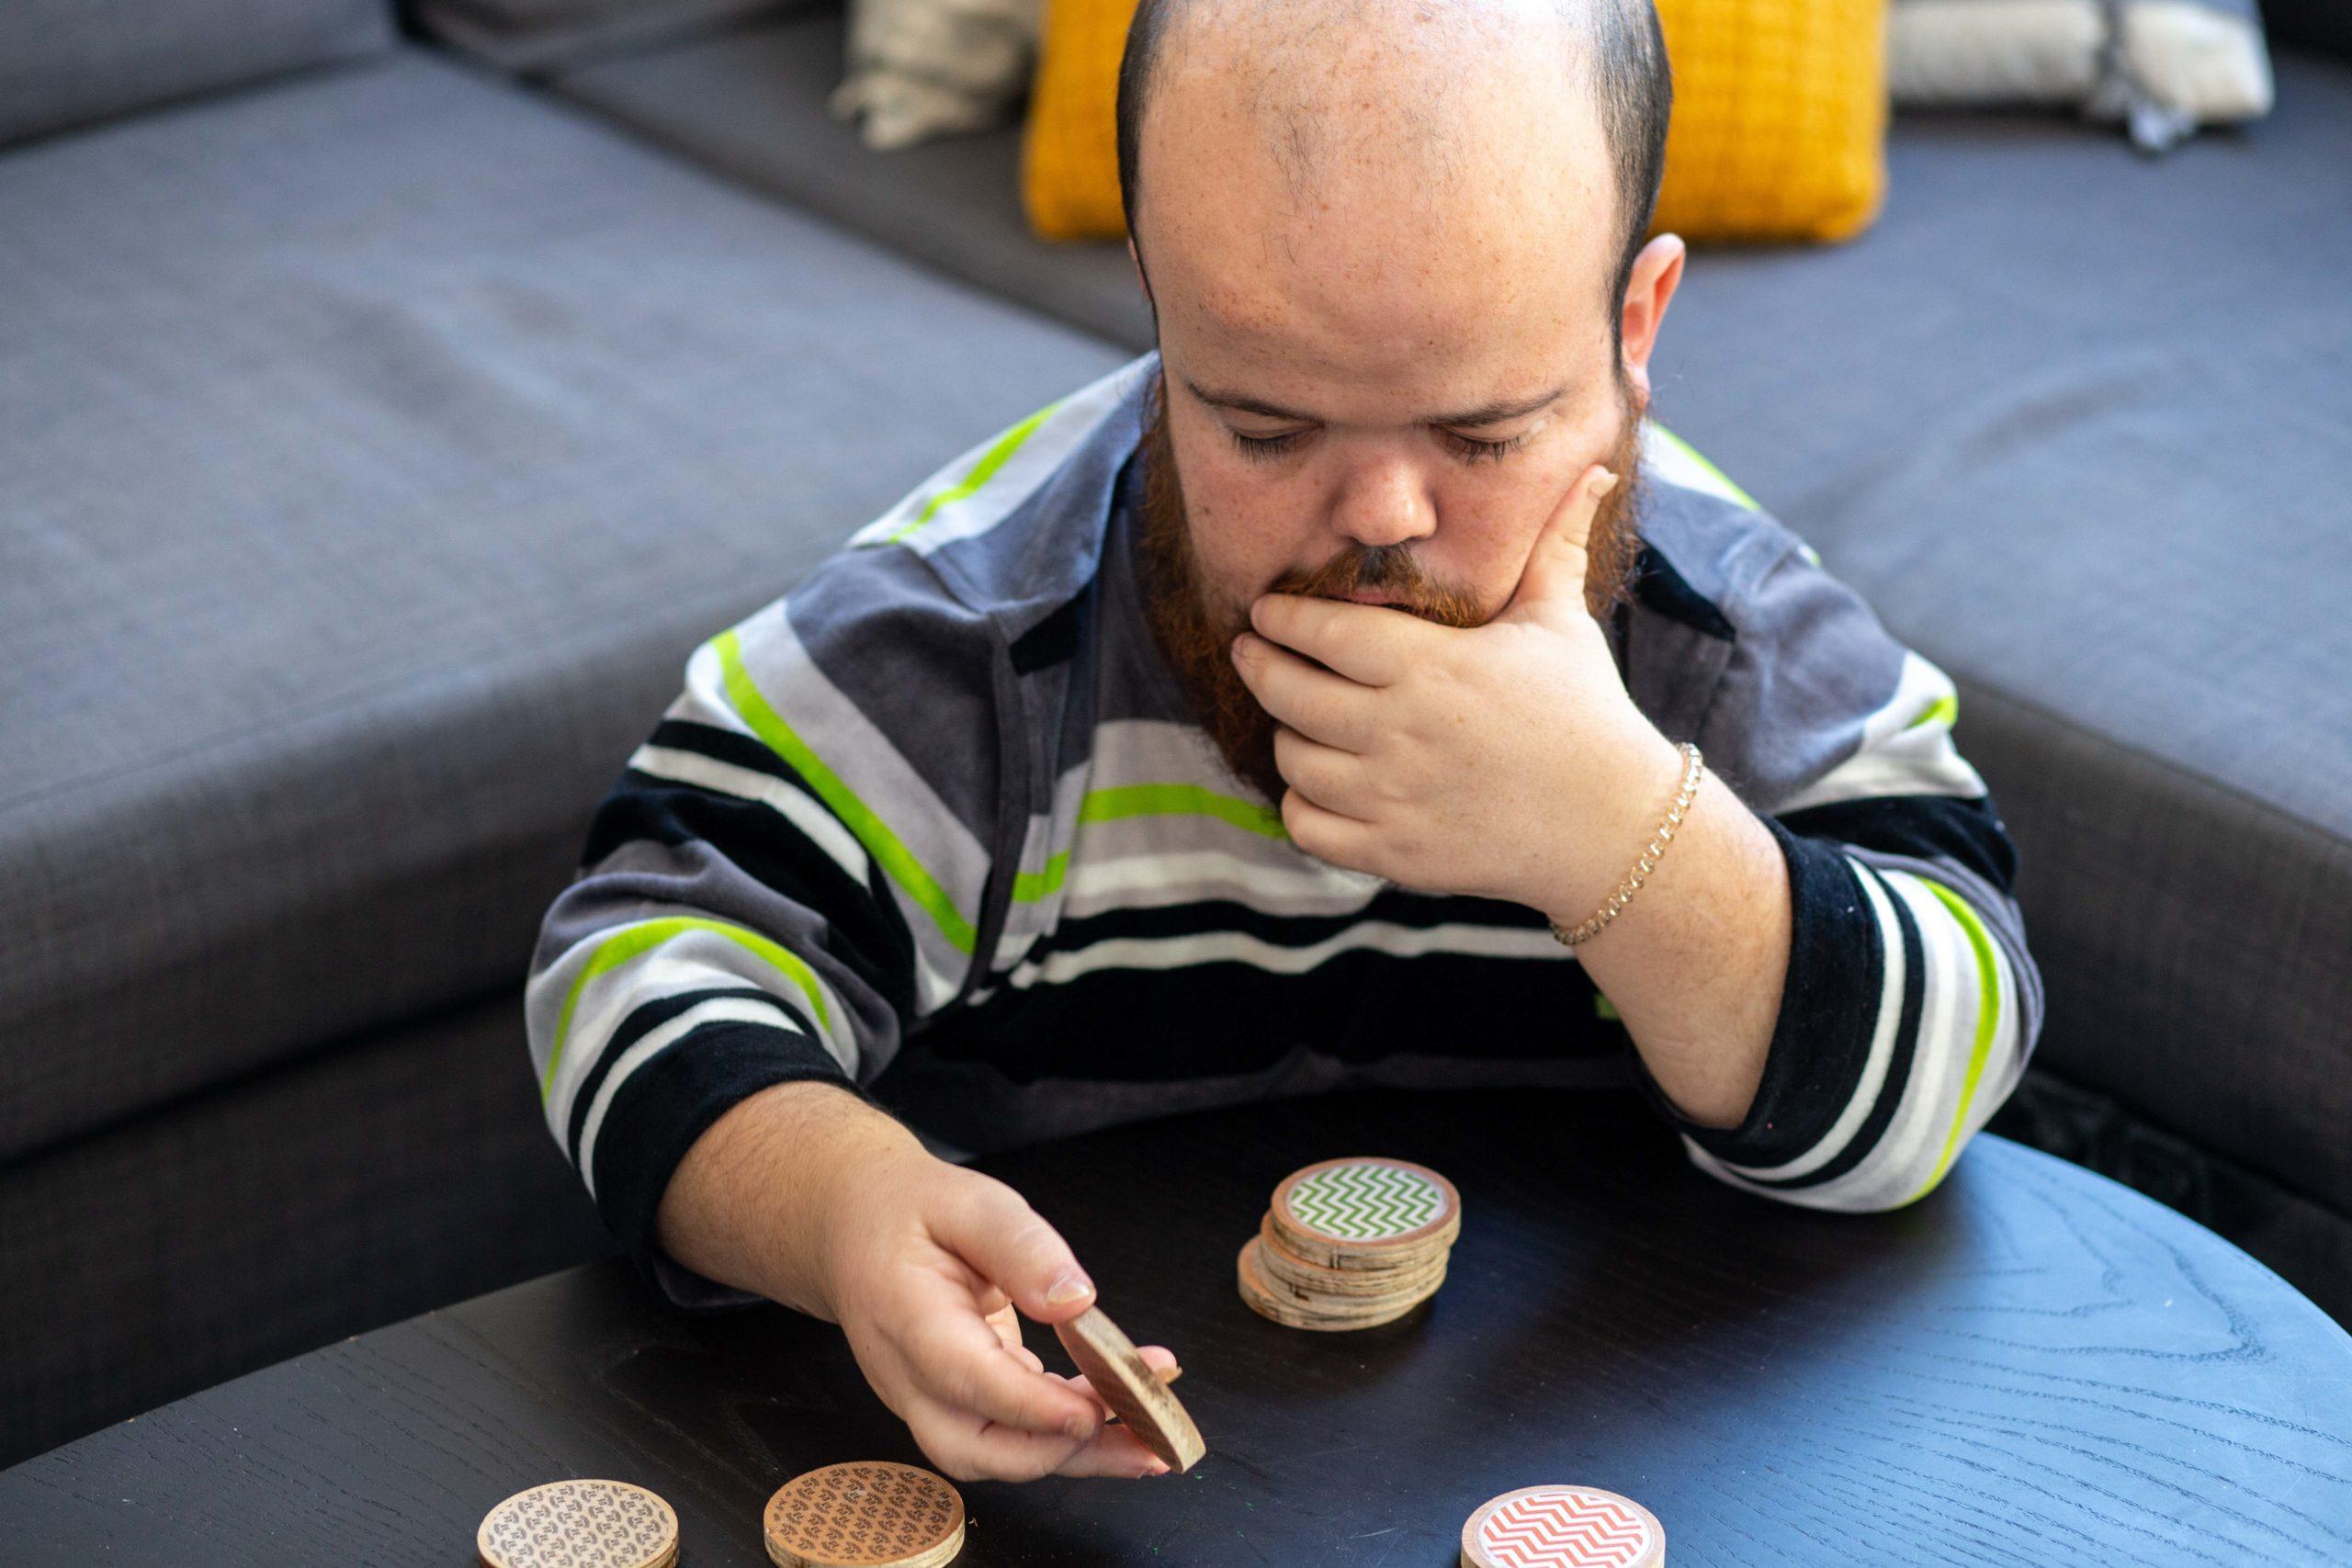 Un noi pensant en quina peça utilitzar del joc de taula al que està jugant al menjador